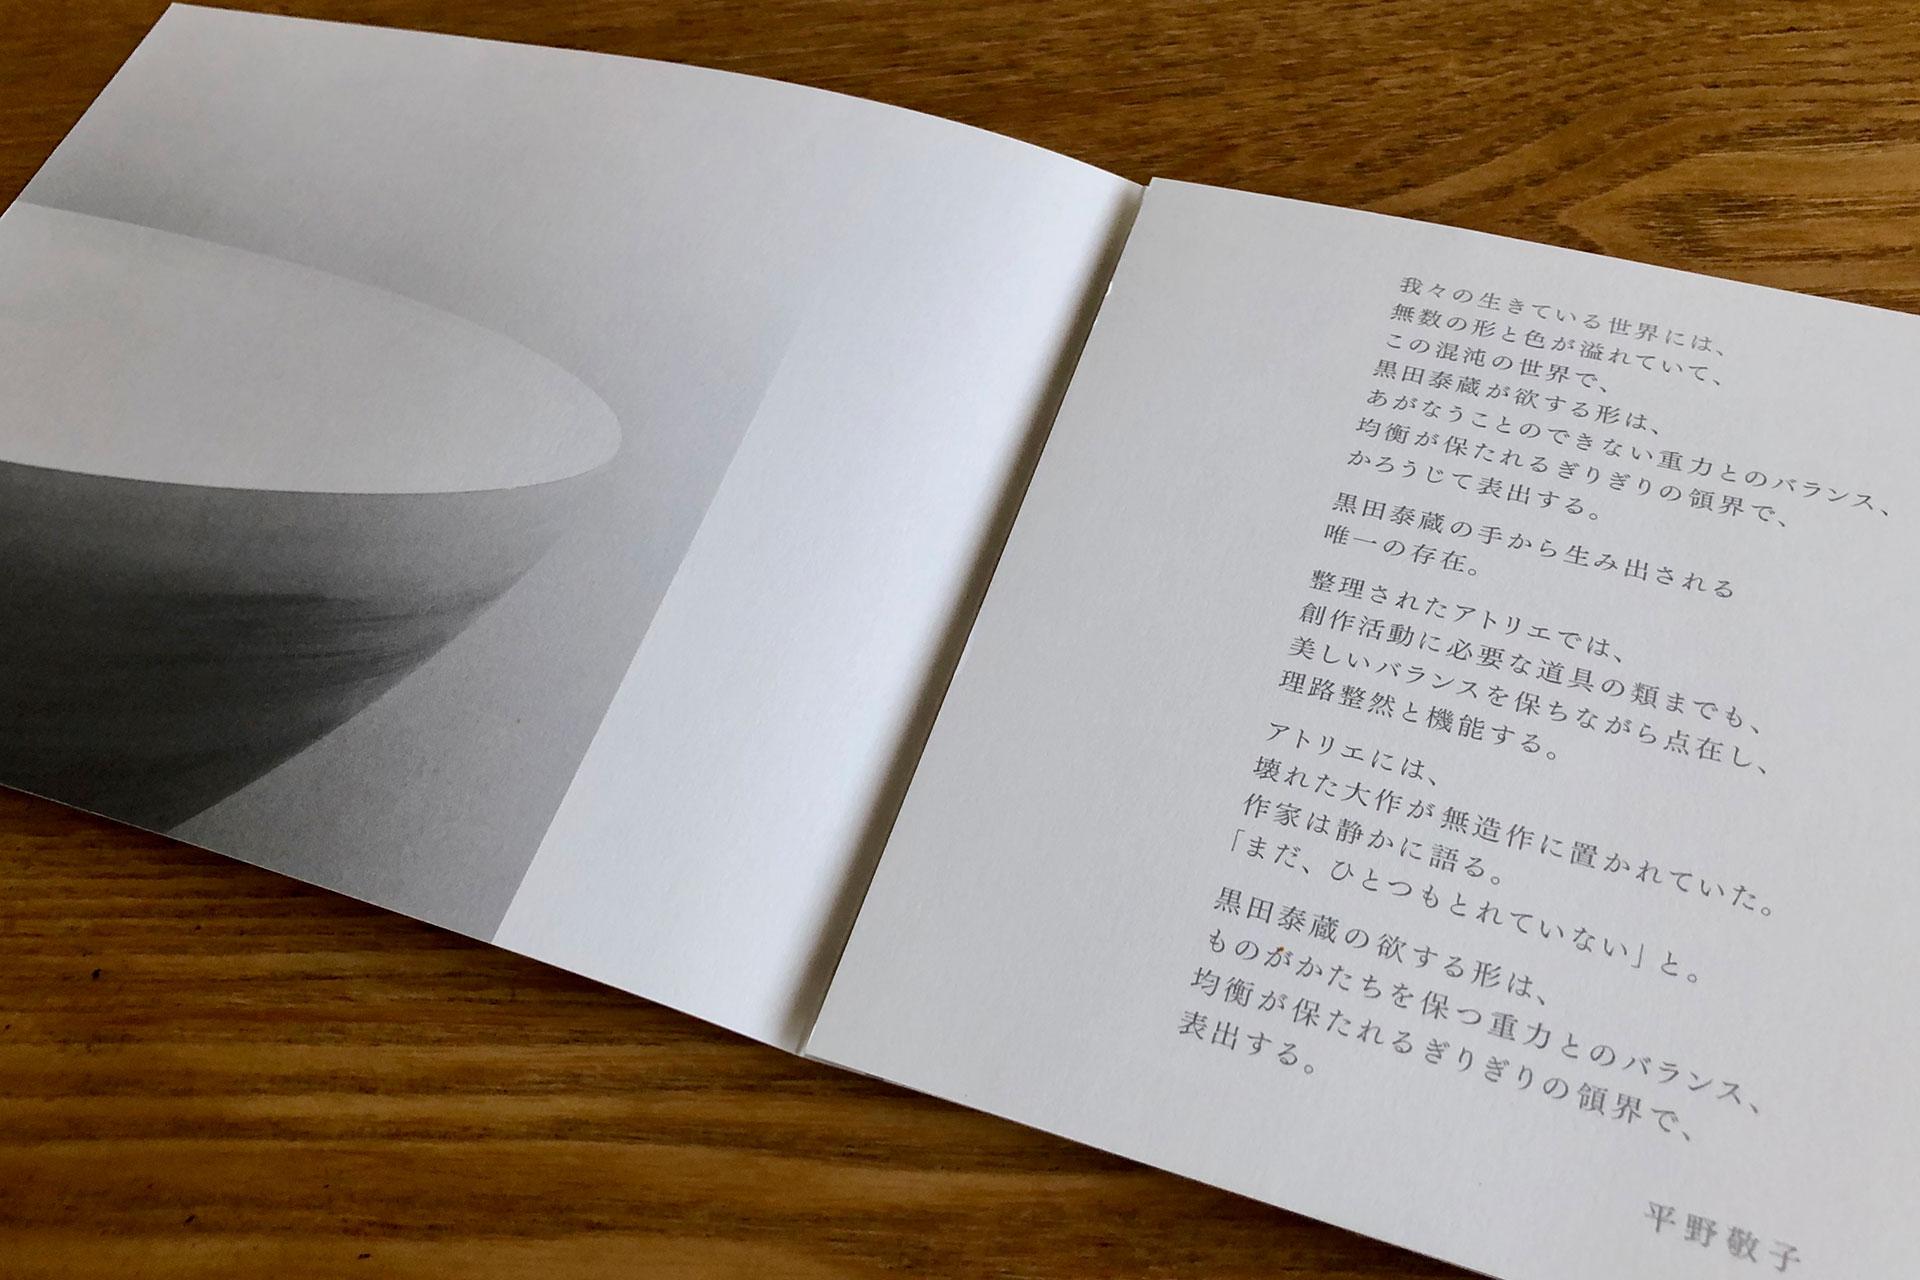 黒田泰蔵展